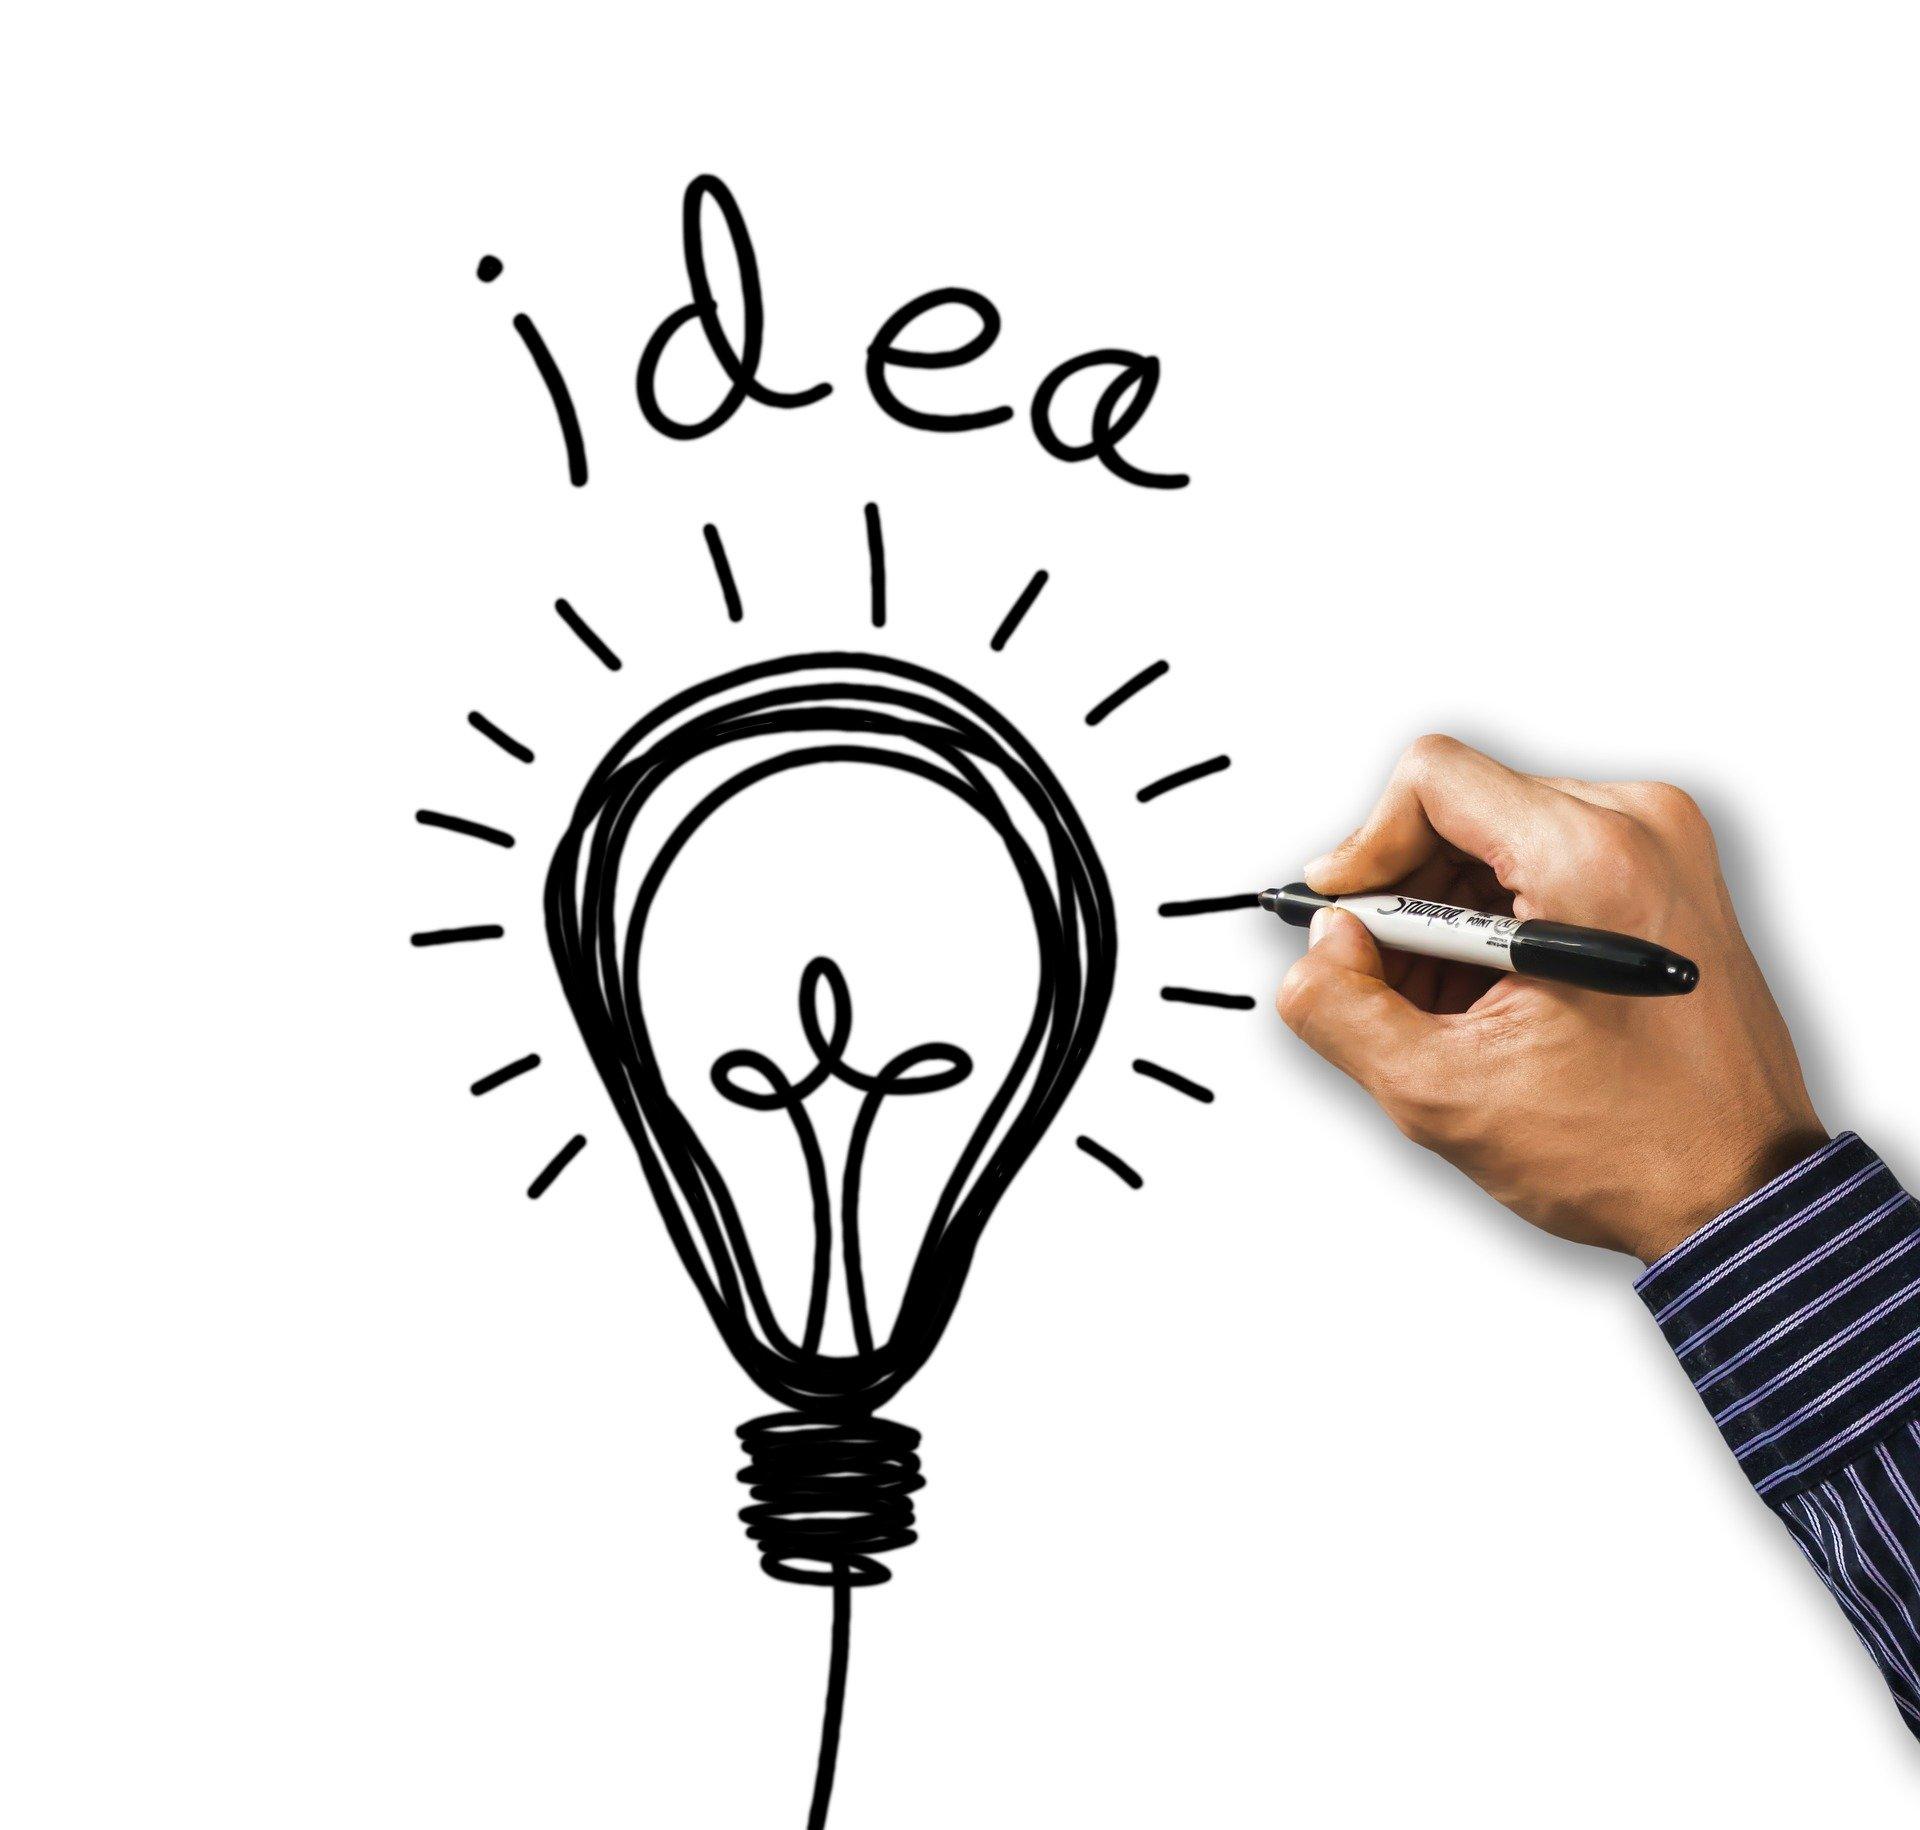 Imagen de referencia de Innovación y emprendimiento